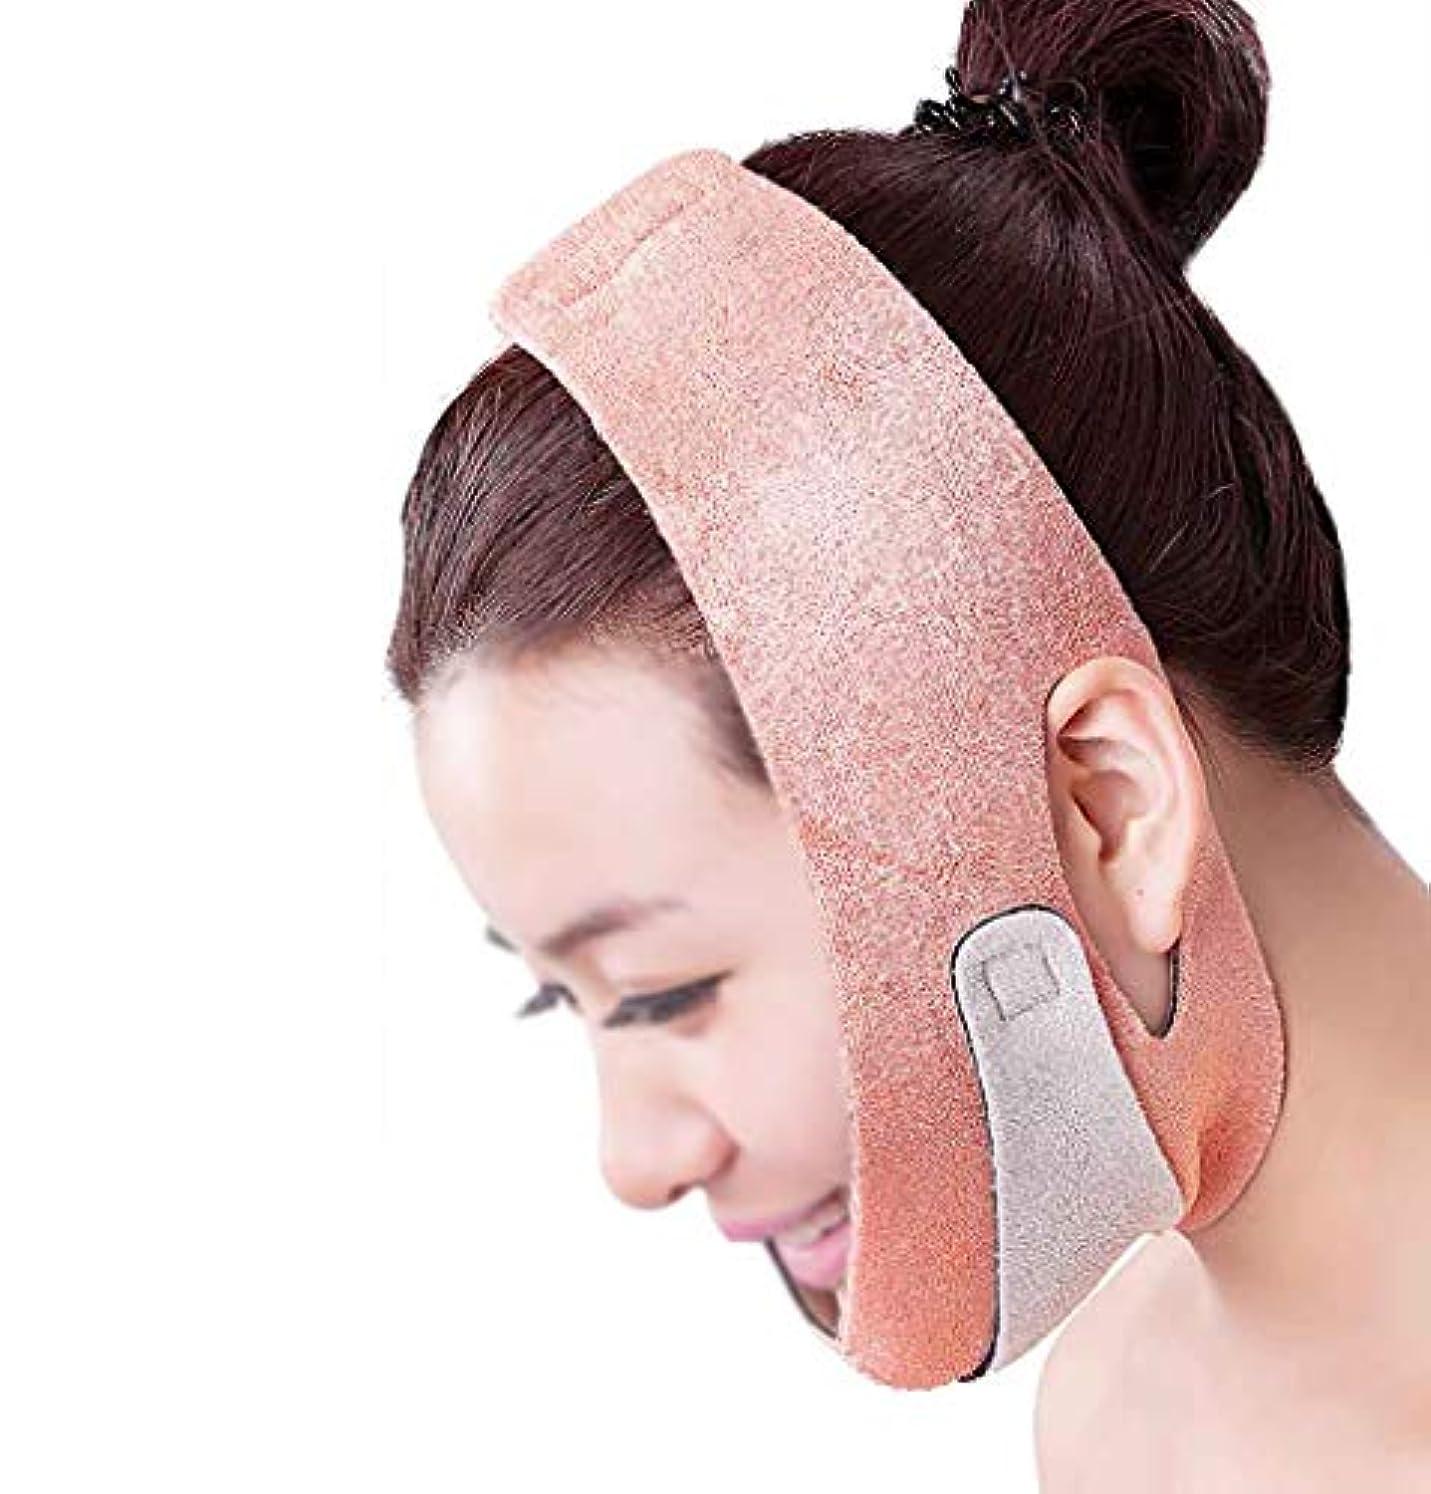 固めるボルト解決するGLJJQMY 痩身ベルトマスク3 D薄い顔の顔のアーティファクト小さな顔包帯リフティングVマスクを引き締め 顔用整形マスク (Color : A)